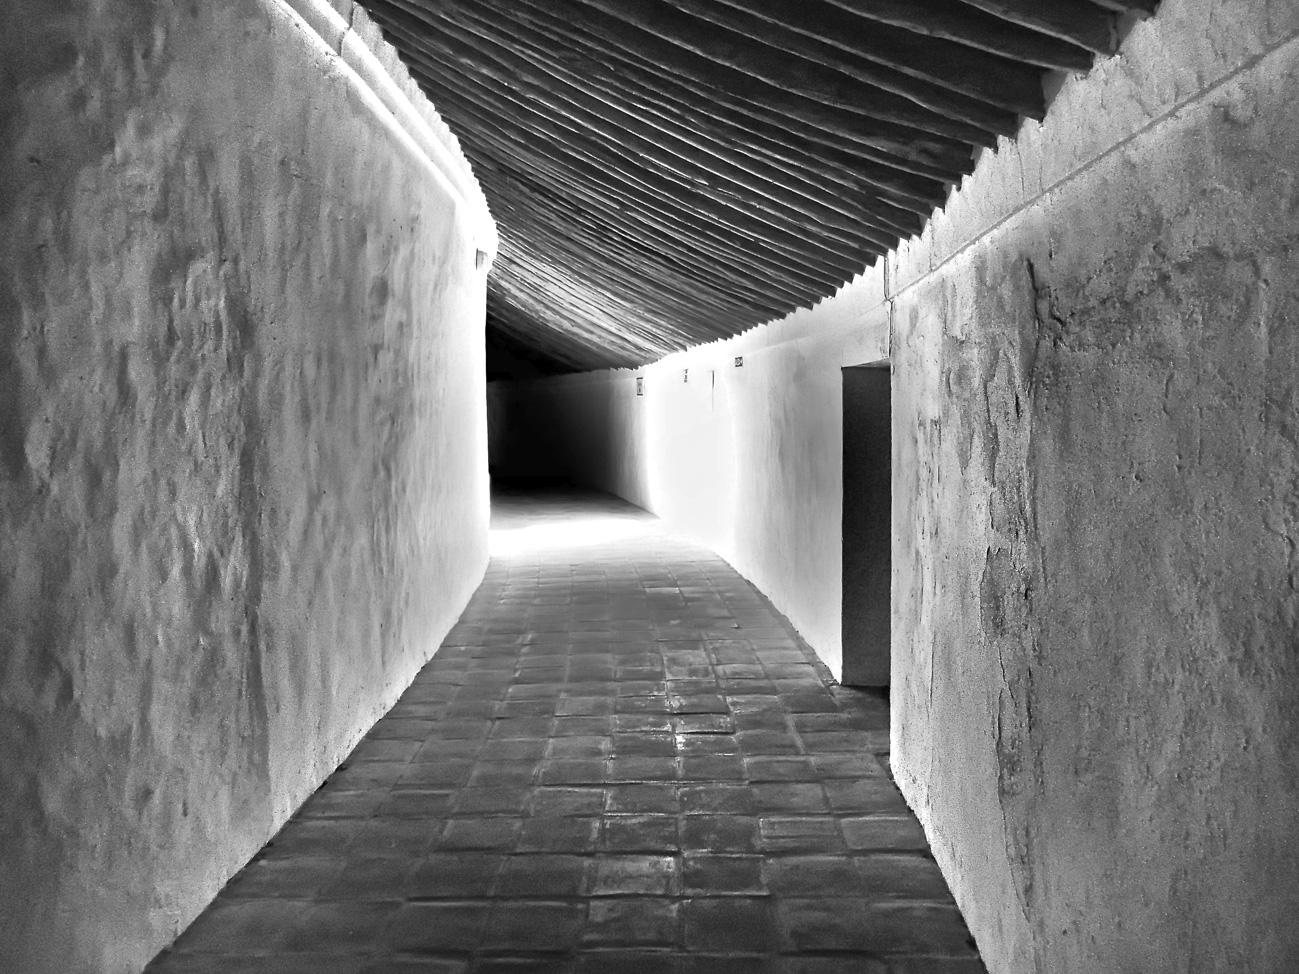 hallway, photo